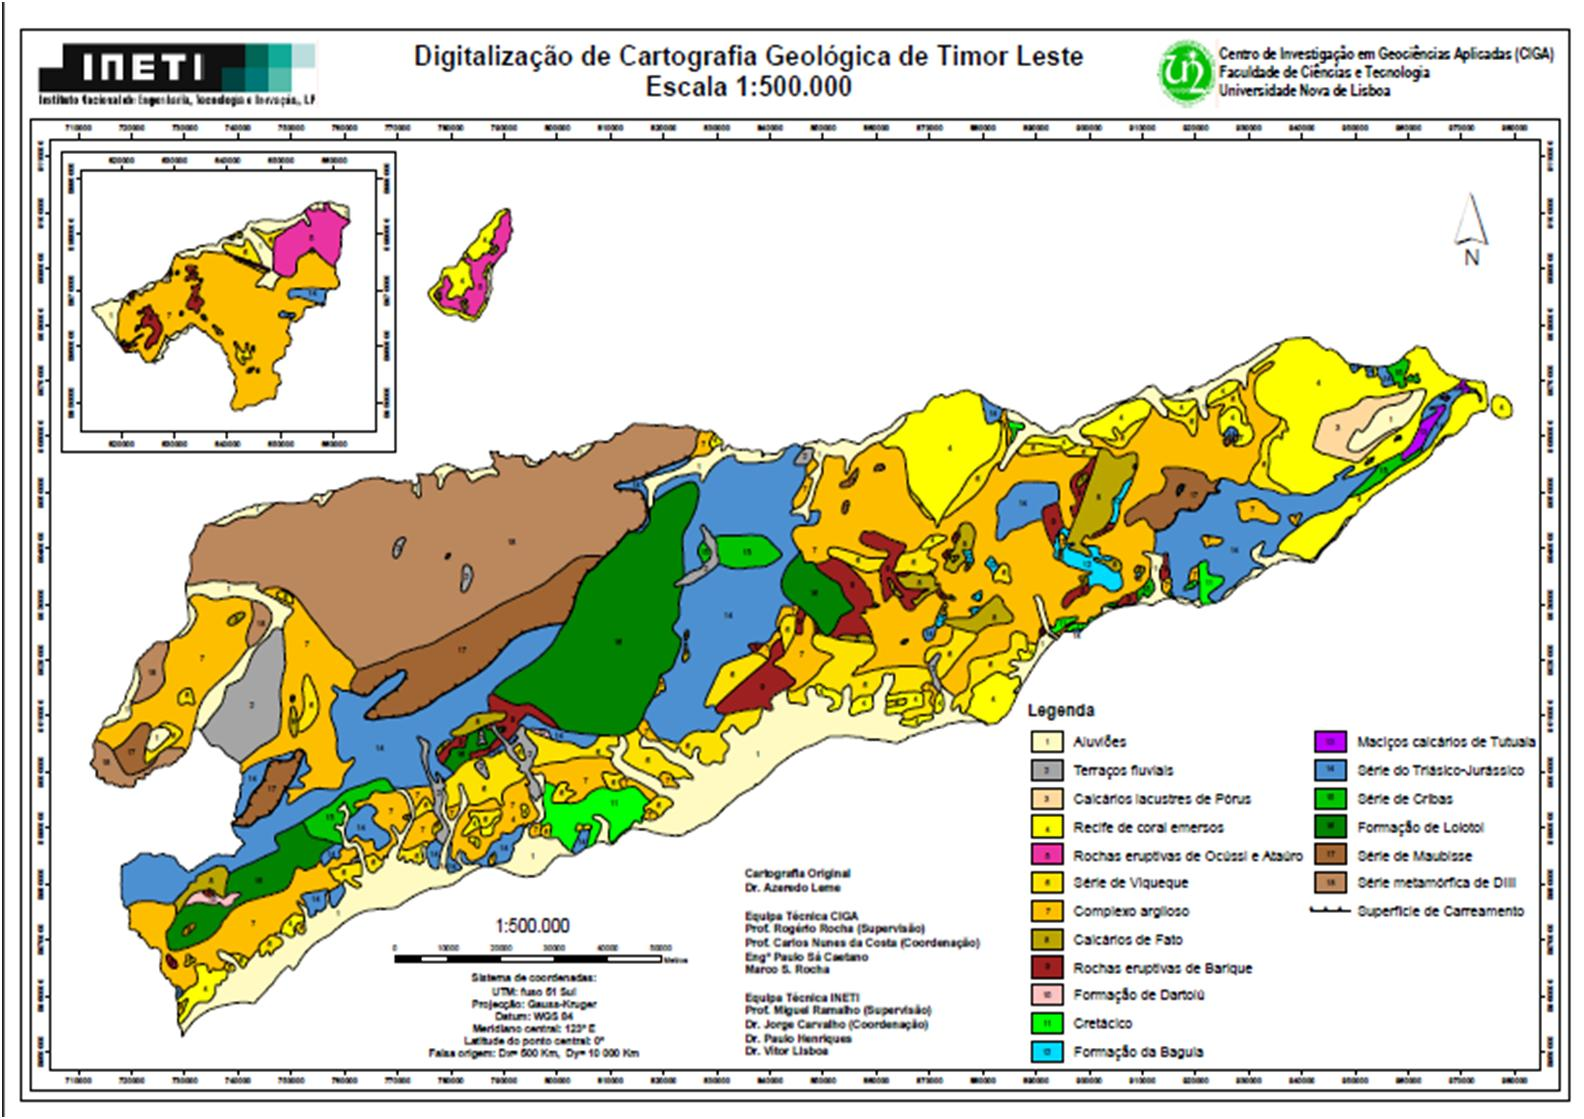 mapa geologico de lisboa VITAL VILANOVA E JOANA FERNANDES: MAPA GEOLÓGICO DE TIMOR LESTE mapa geologico de lisboa